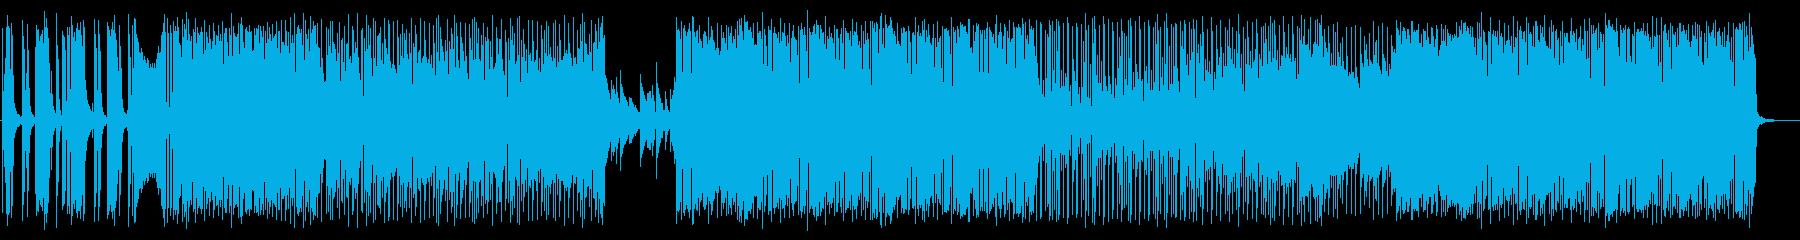 爽やかSKAチューンのJPOP曲、夏的なの再生済みの波形